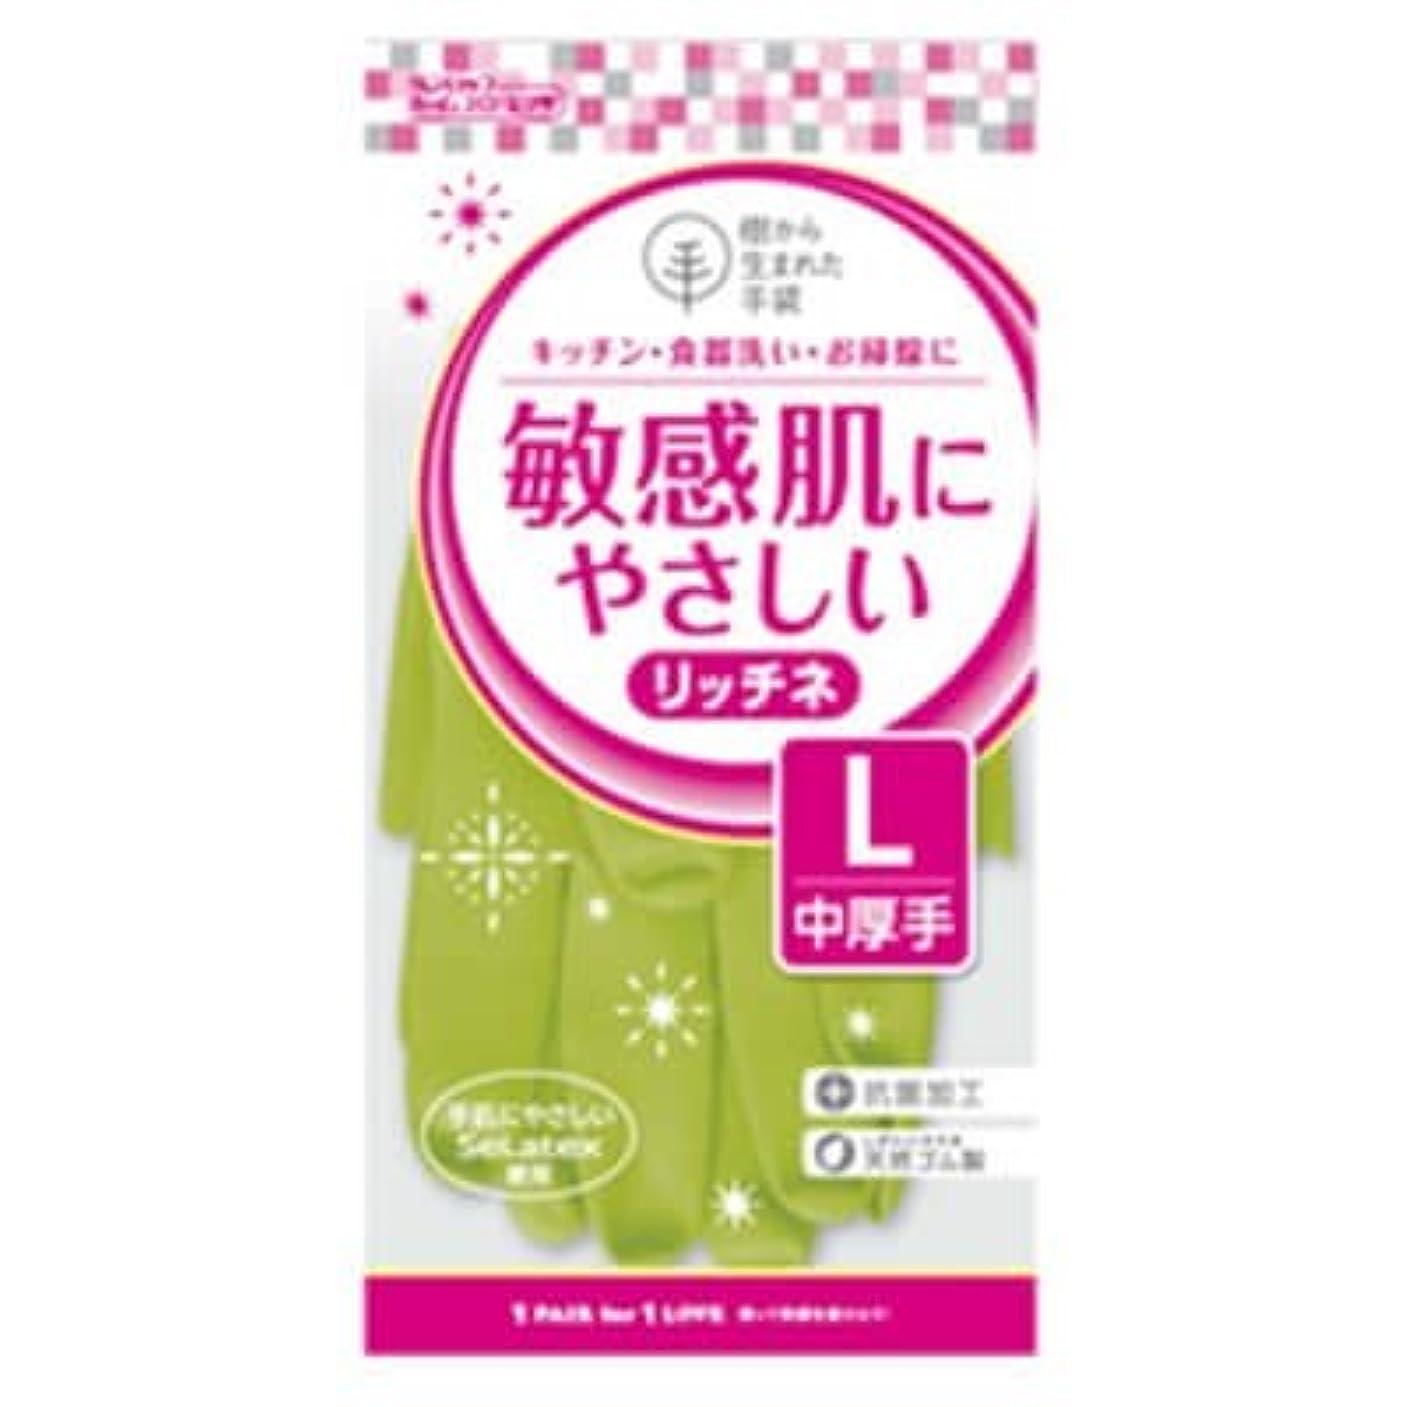 北米うるさいアプト【ケース販売】 ダンロップ 敏感肌にやさしい リッチネ 中厚手 L グリーン (10双×12袋)